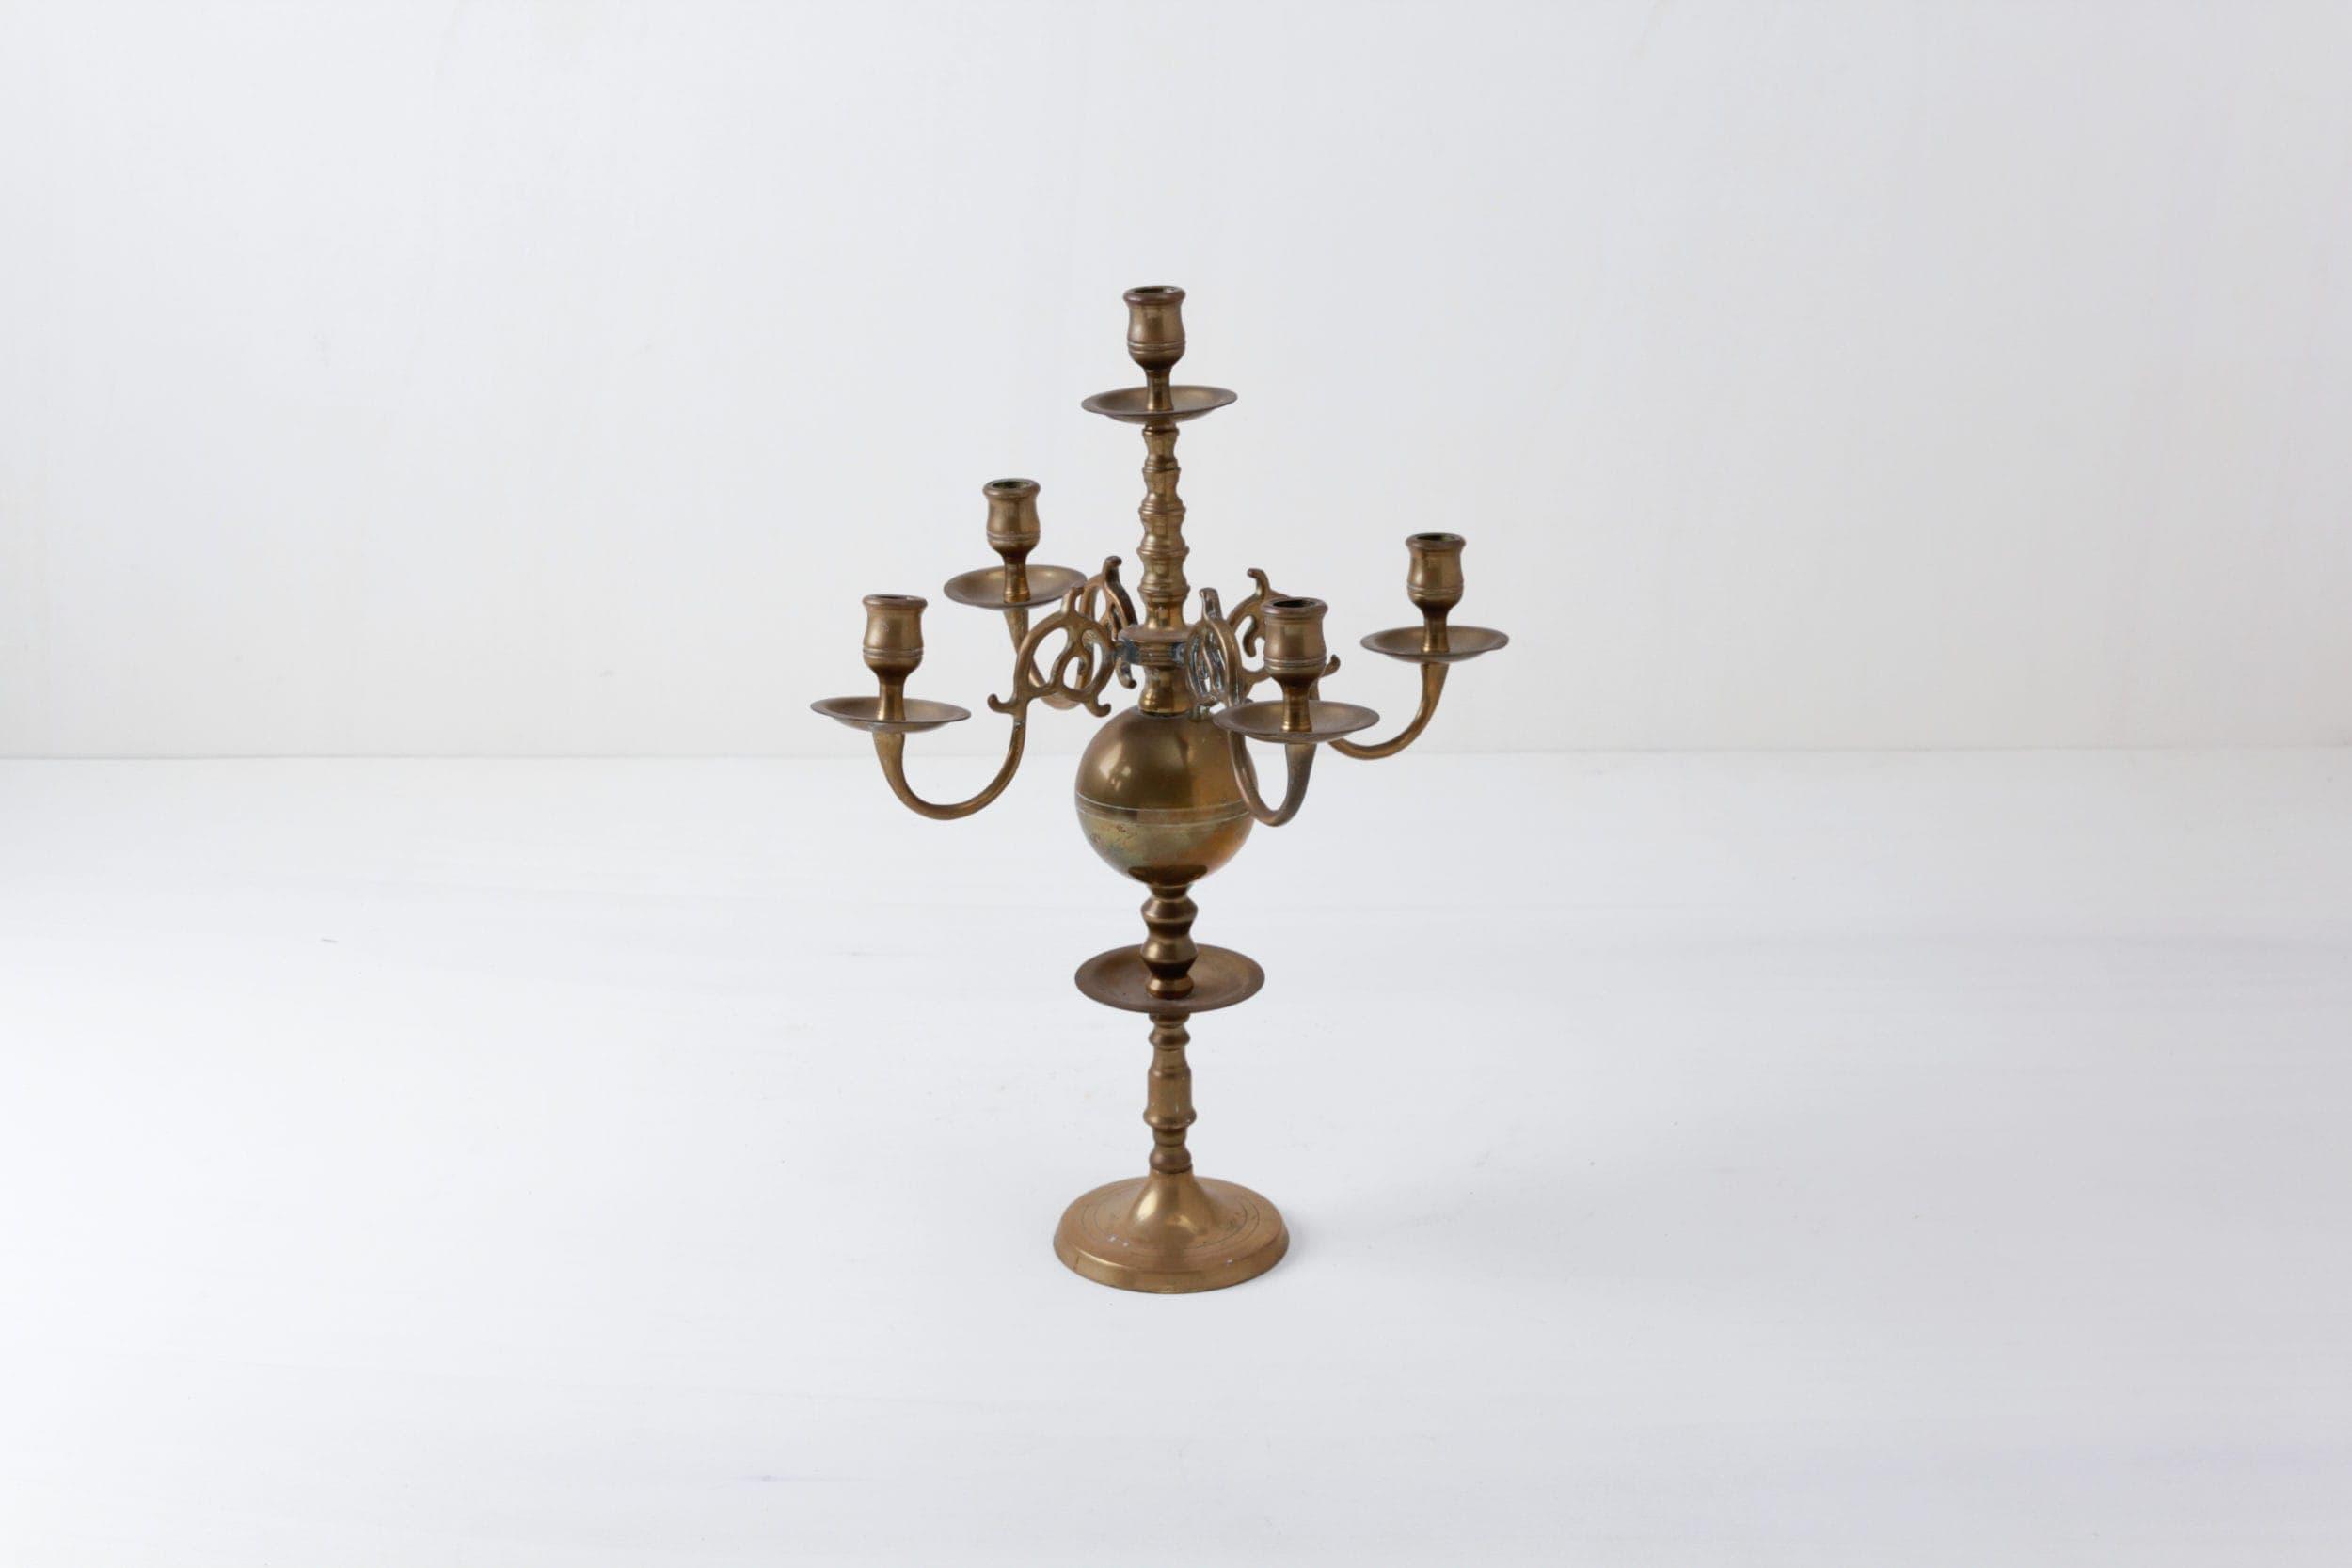 Großer Messing Kerzenständer, mieten, Raumdekoration, Hochzeitstafel